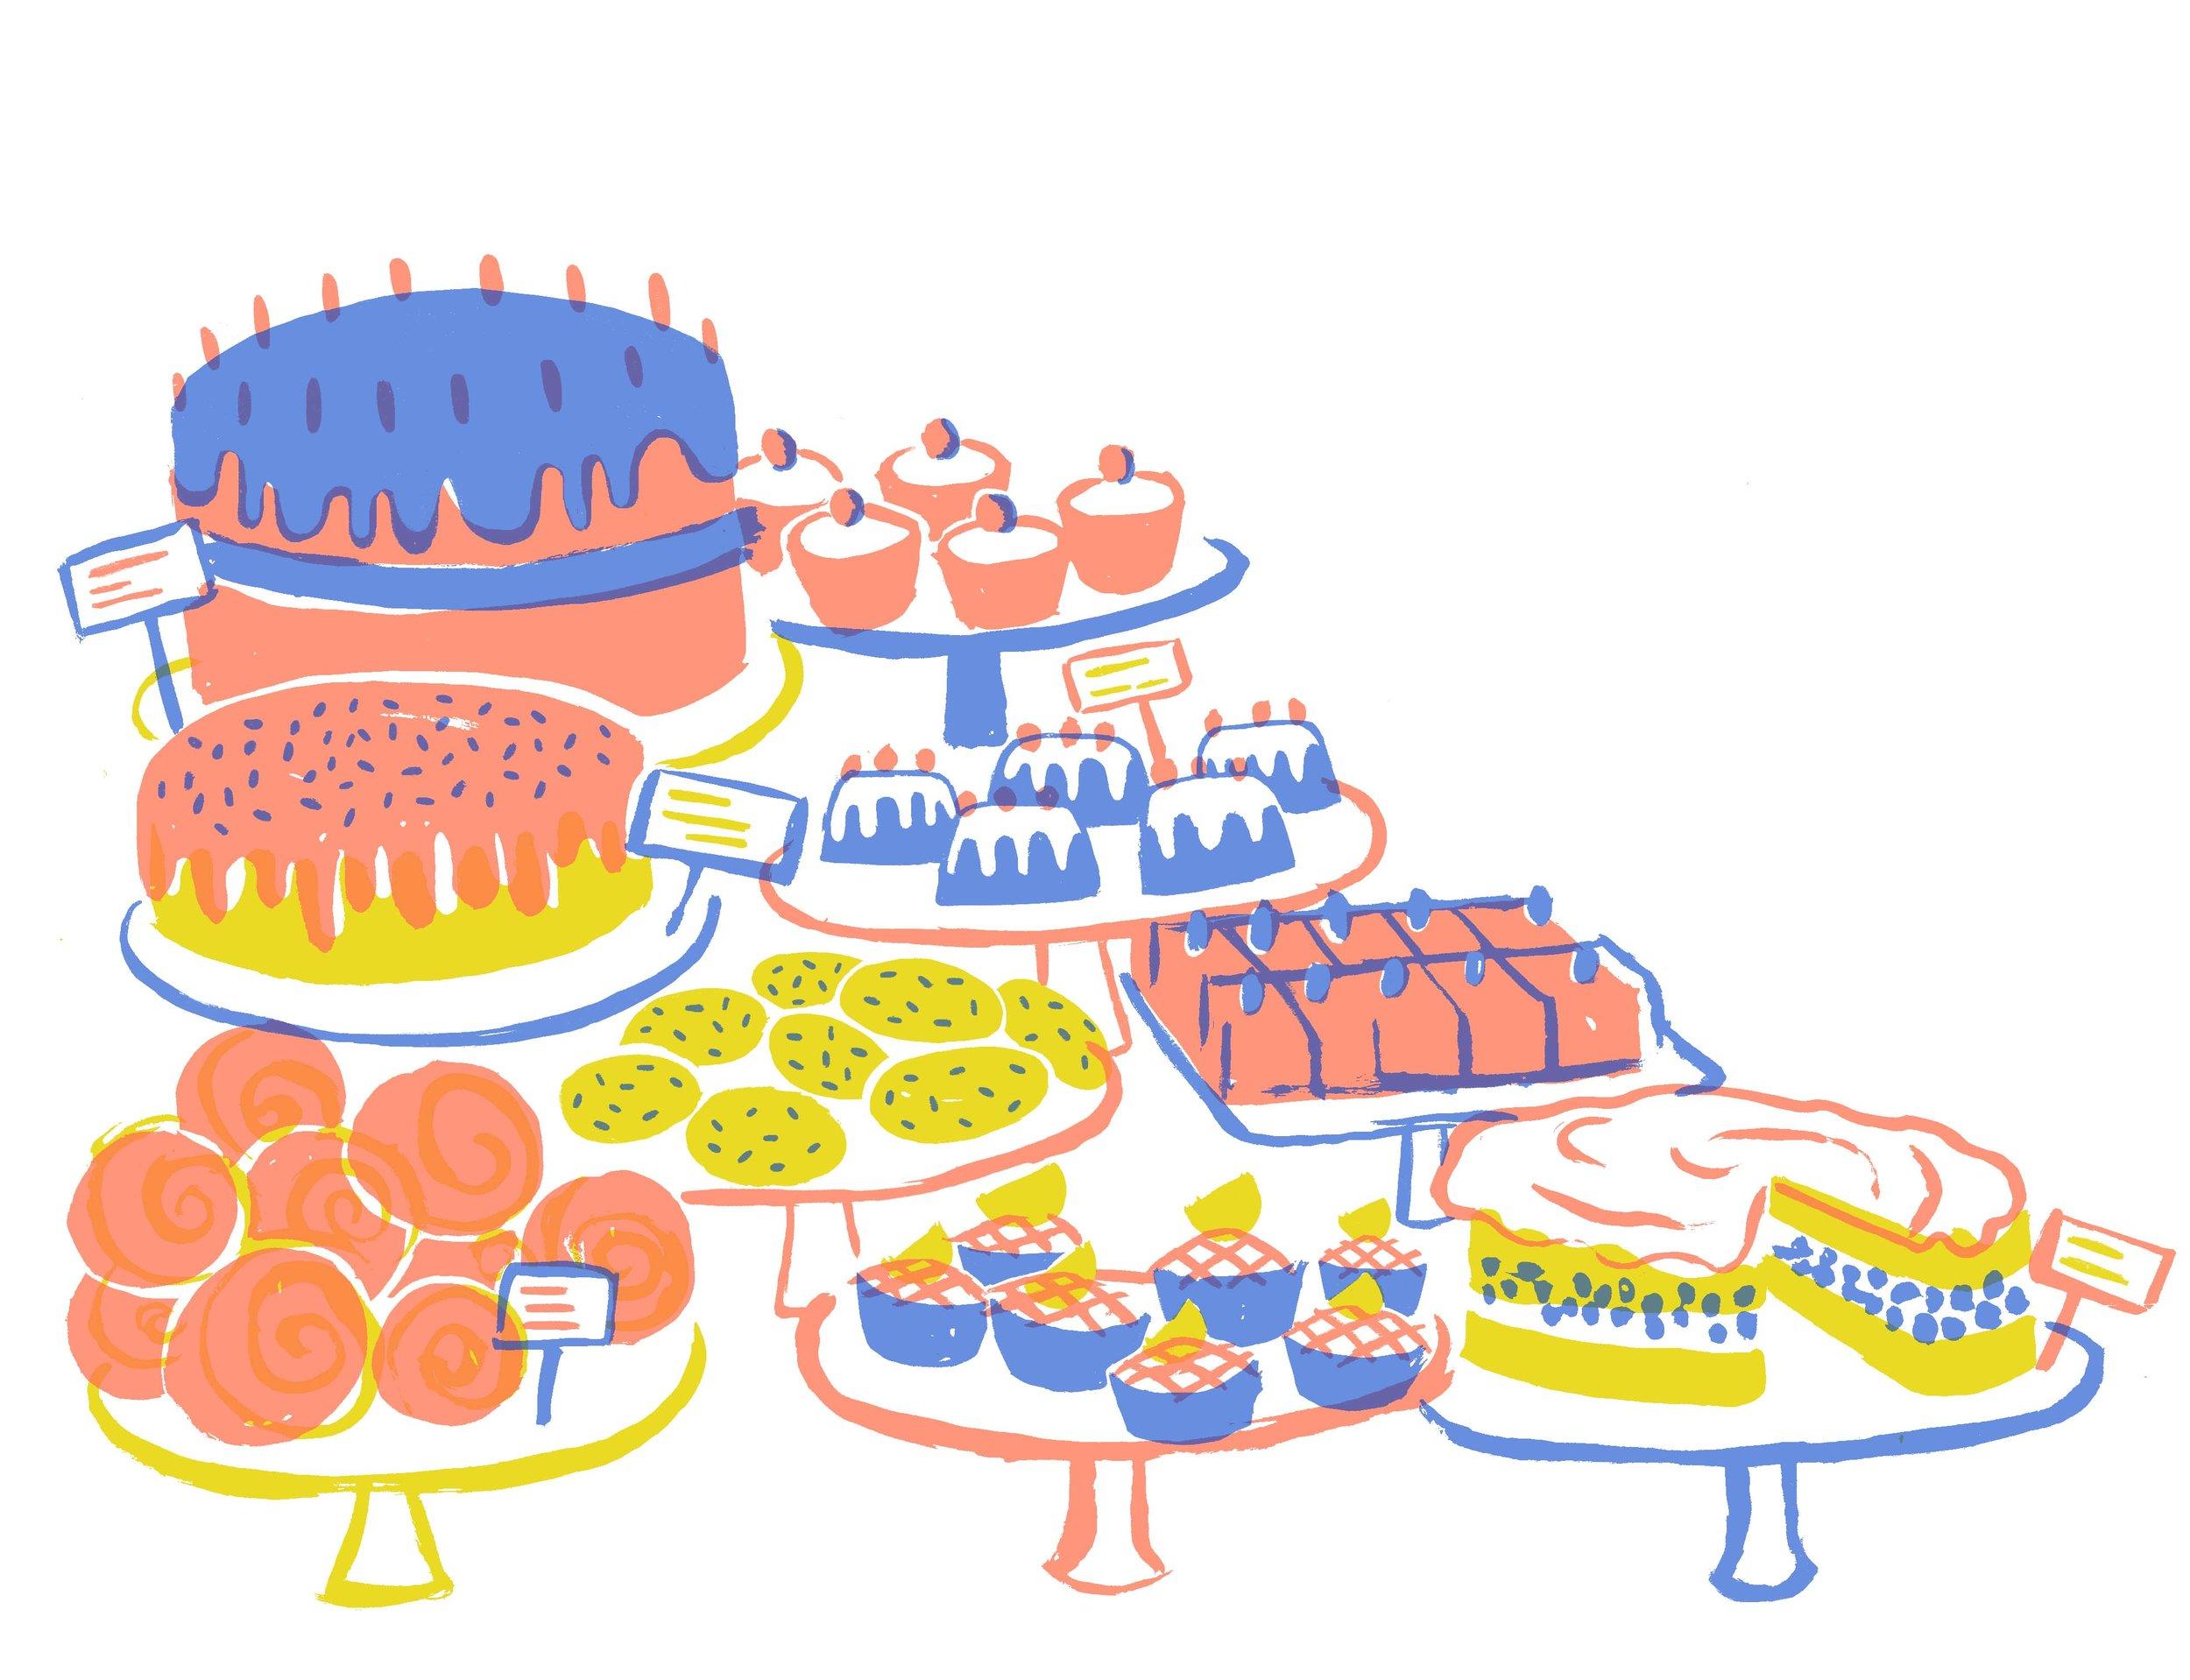 Cake Illustration Bethan Woollvin.jpg